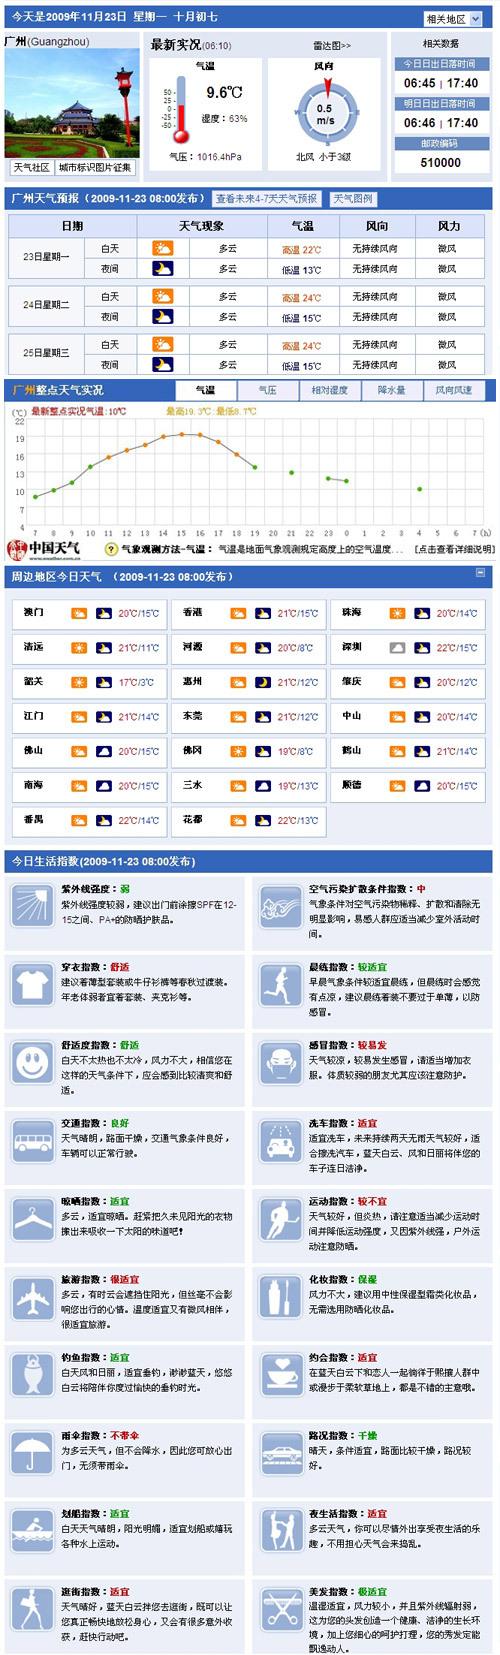 2009年11月23日广州天气预报